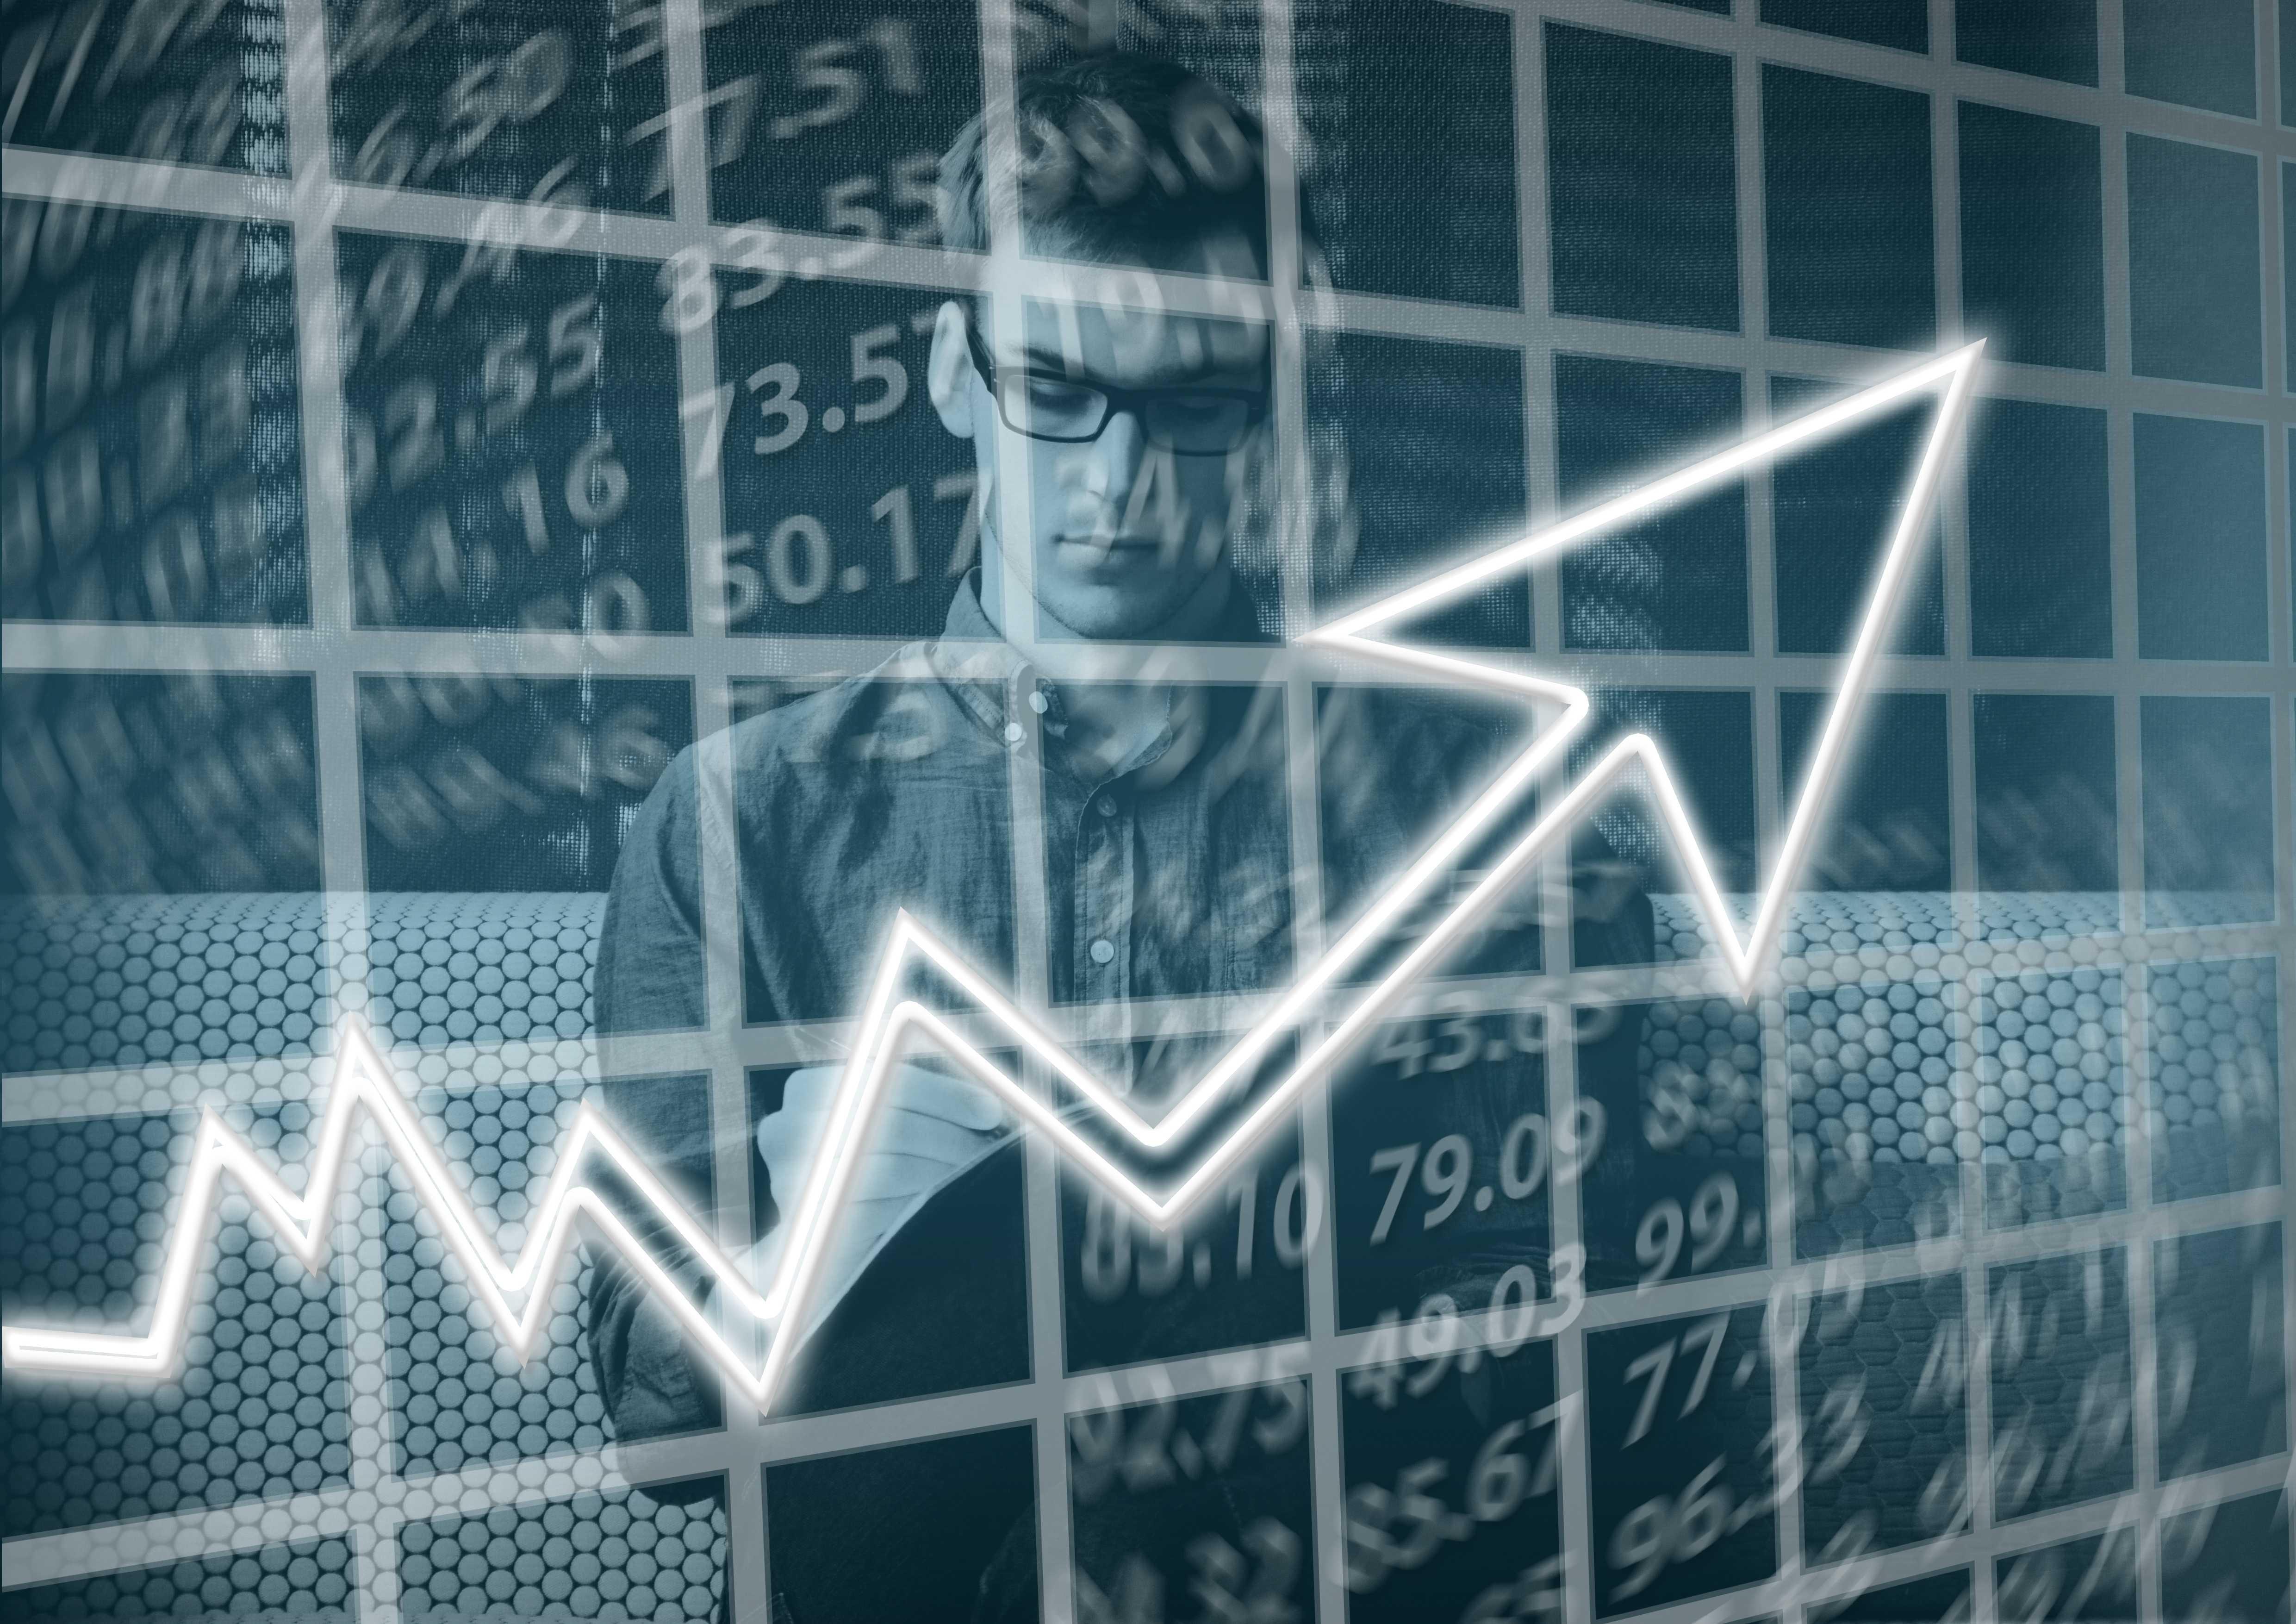 Abbildung 7: Index basierte bzw. passive ETFs eignen sich für Privatanleger ideal für Aktien-Investments